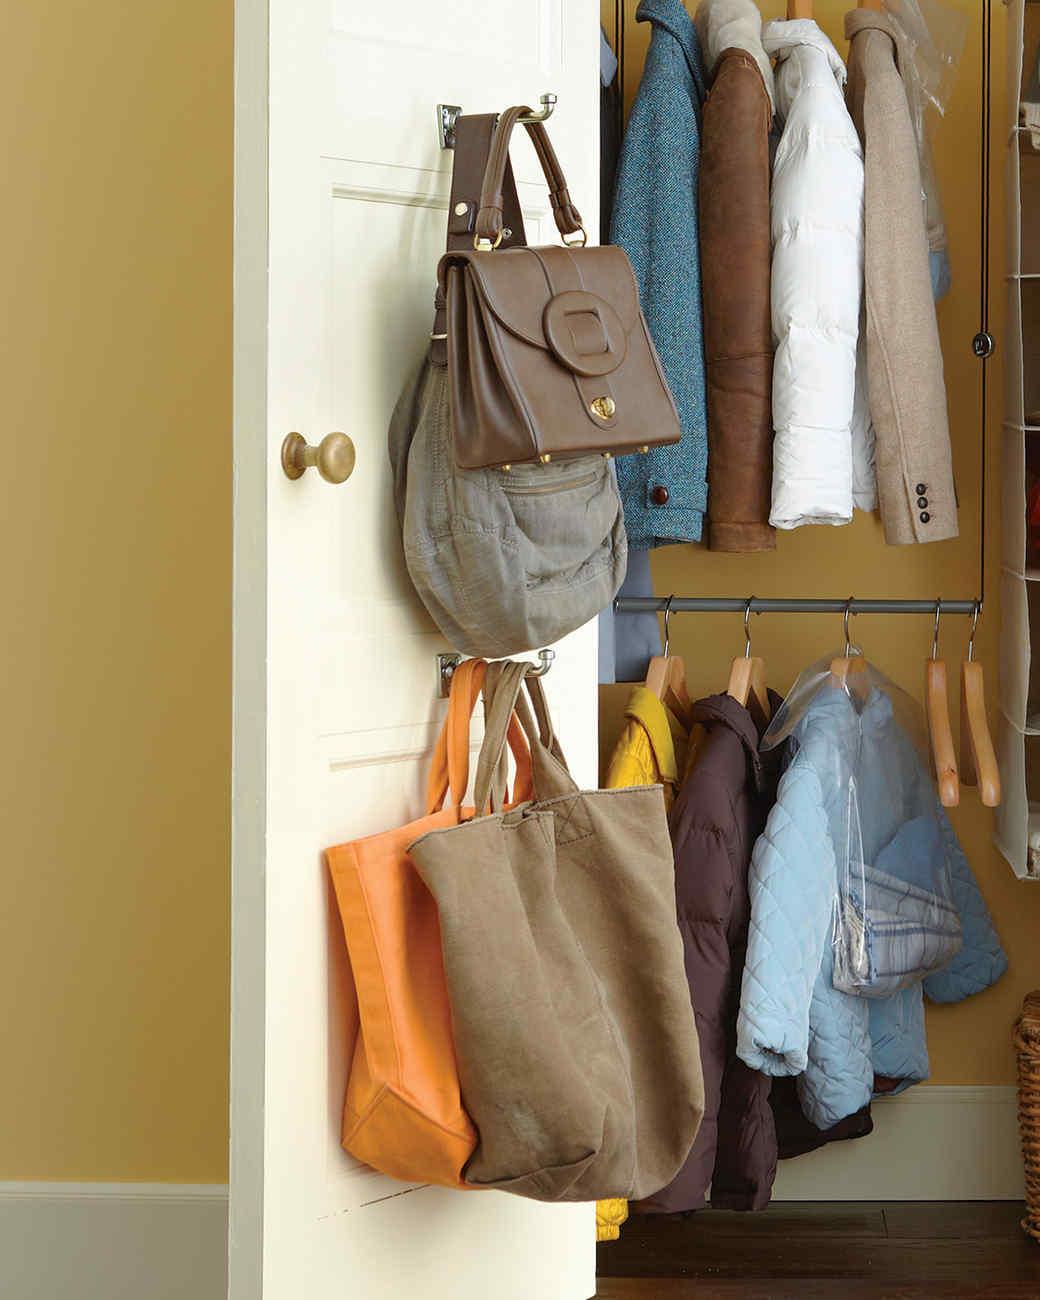 mld106363_1110_baggage.jpg